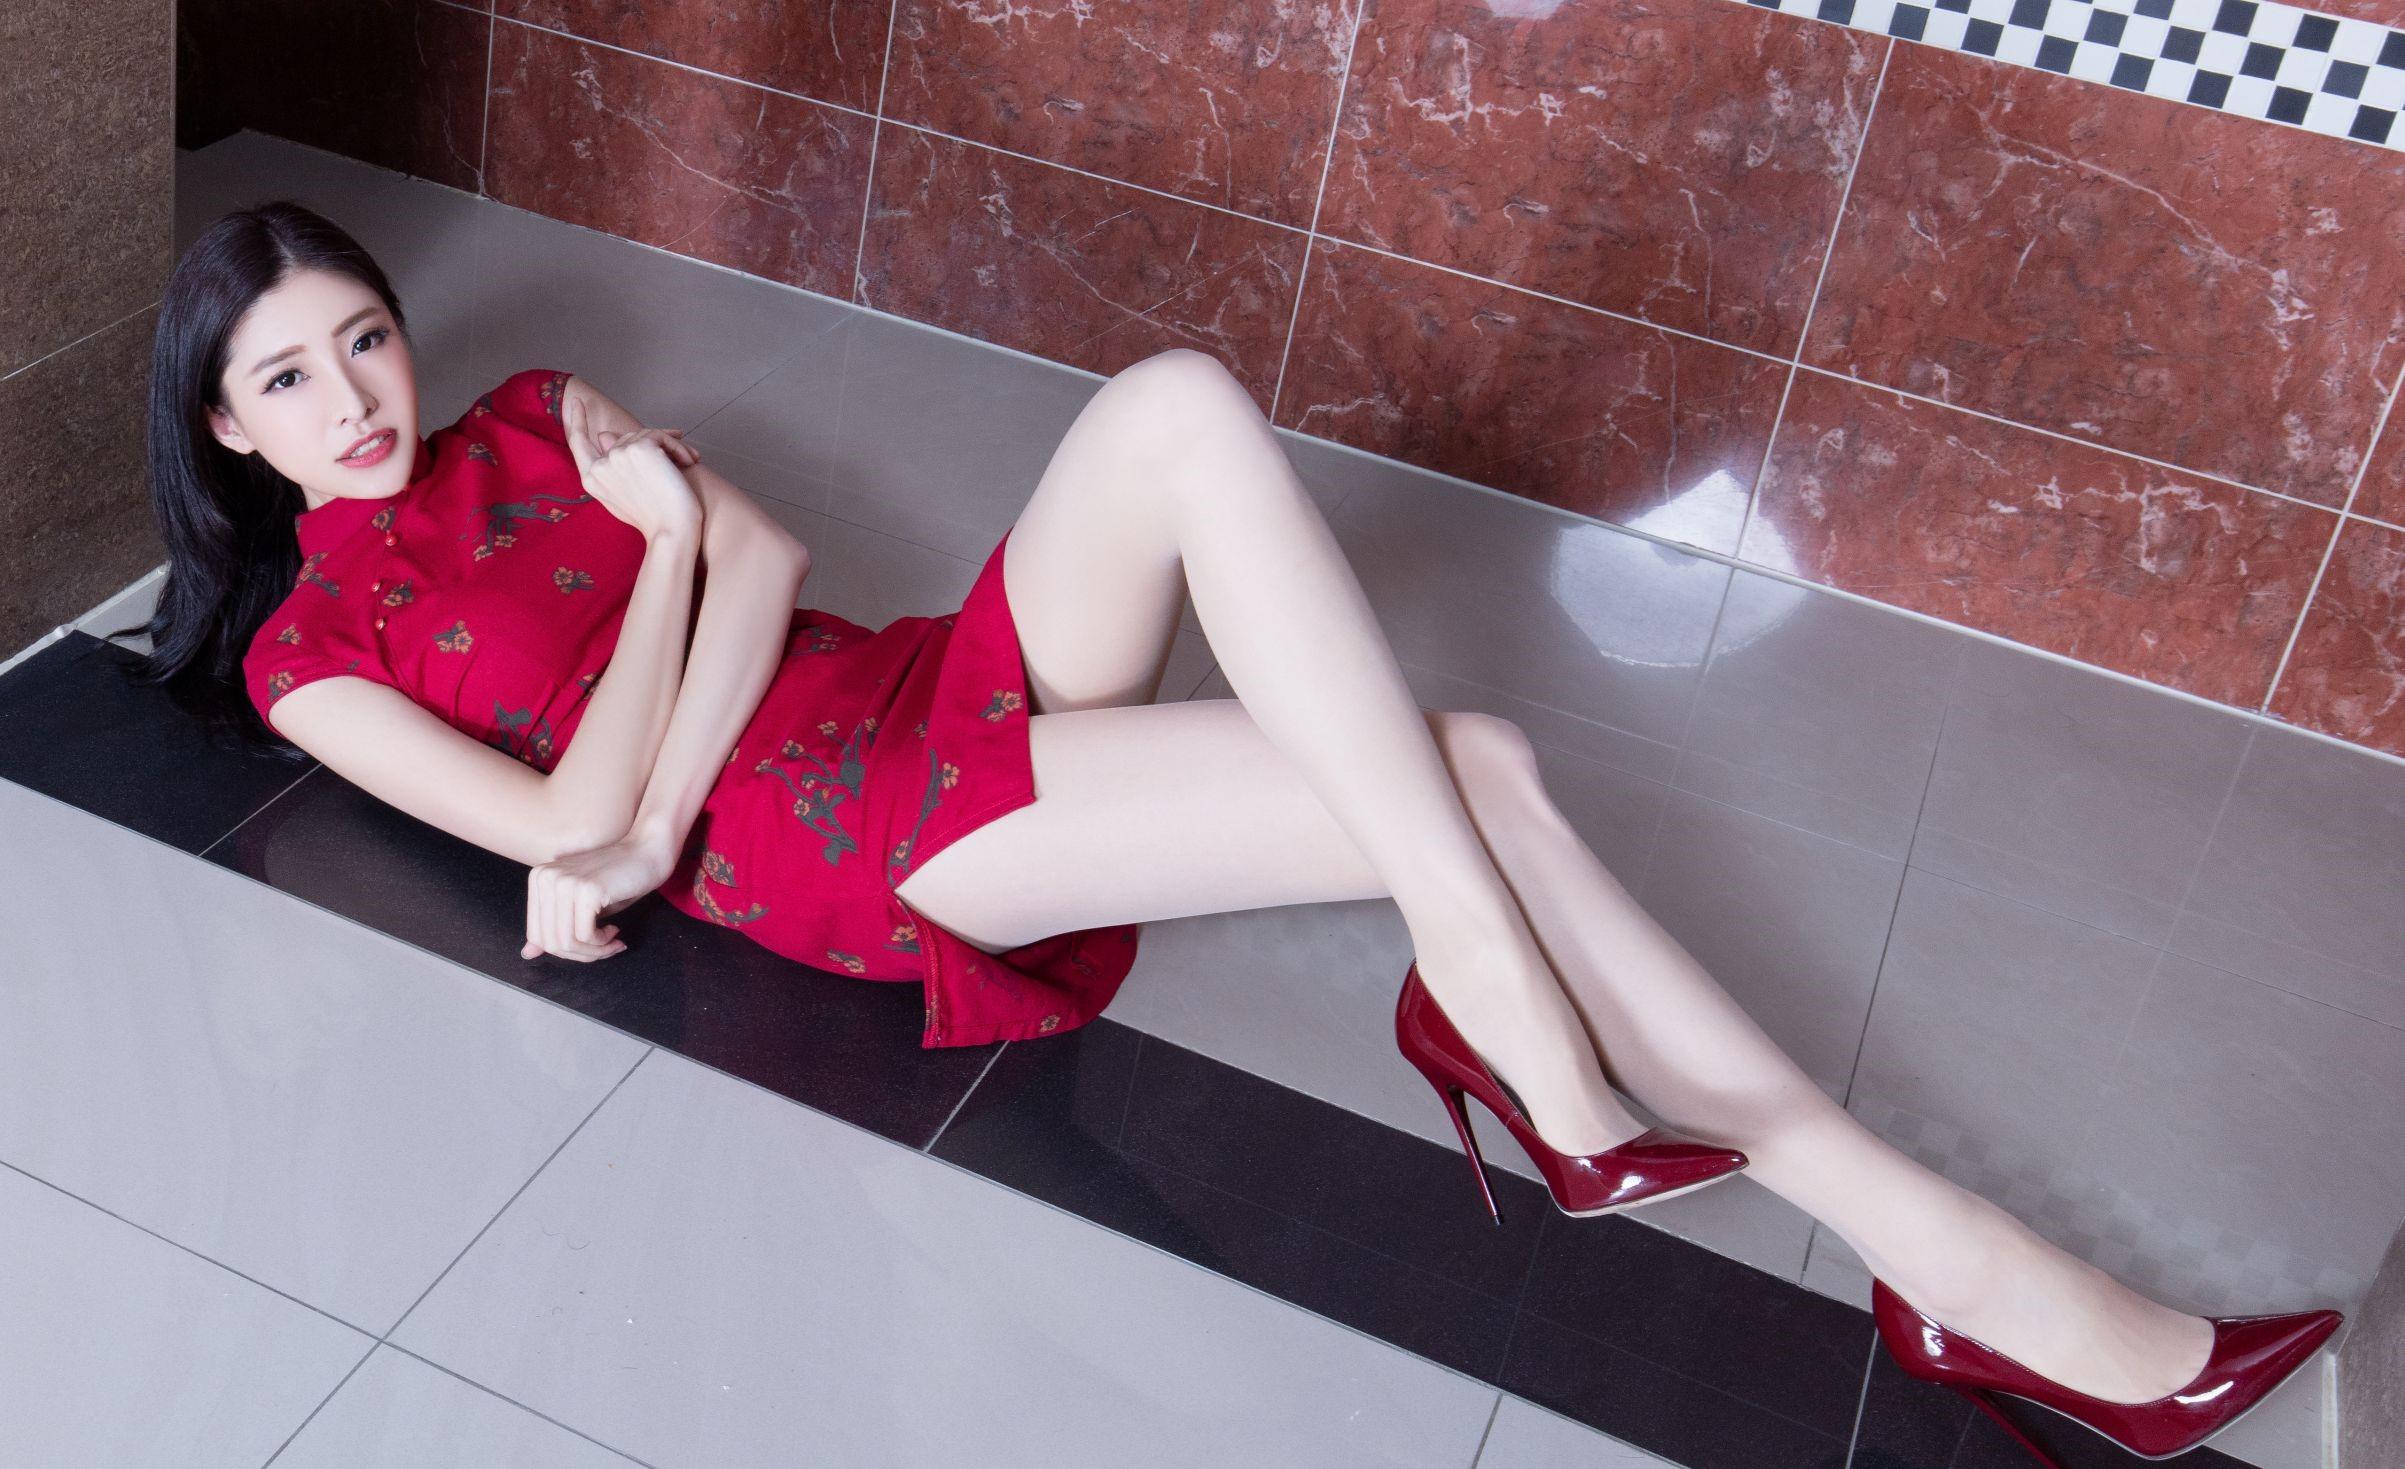 セクシーなチャイナドレスを着たBEAUTYLEG Abby 19